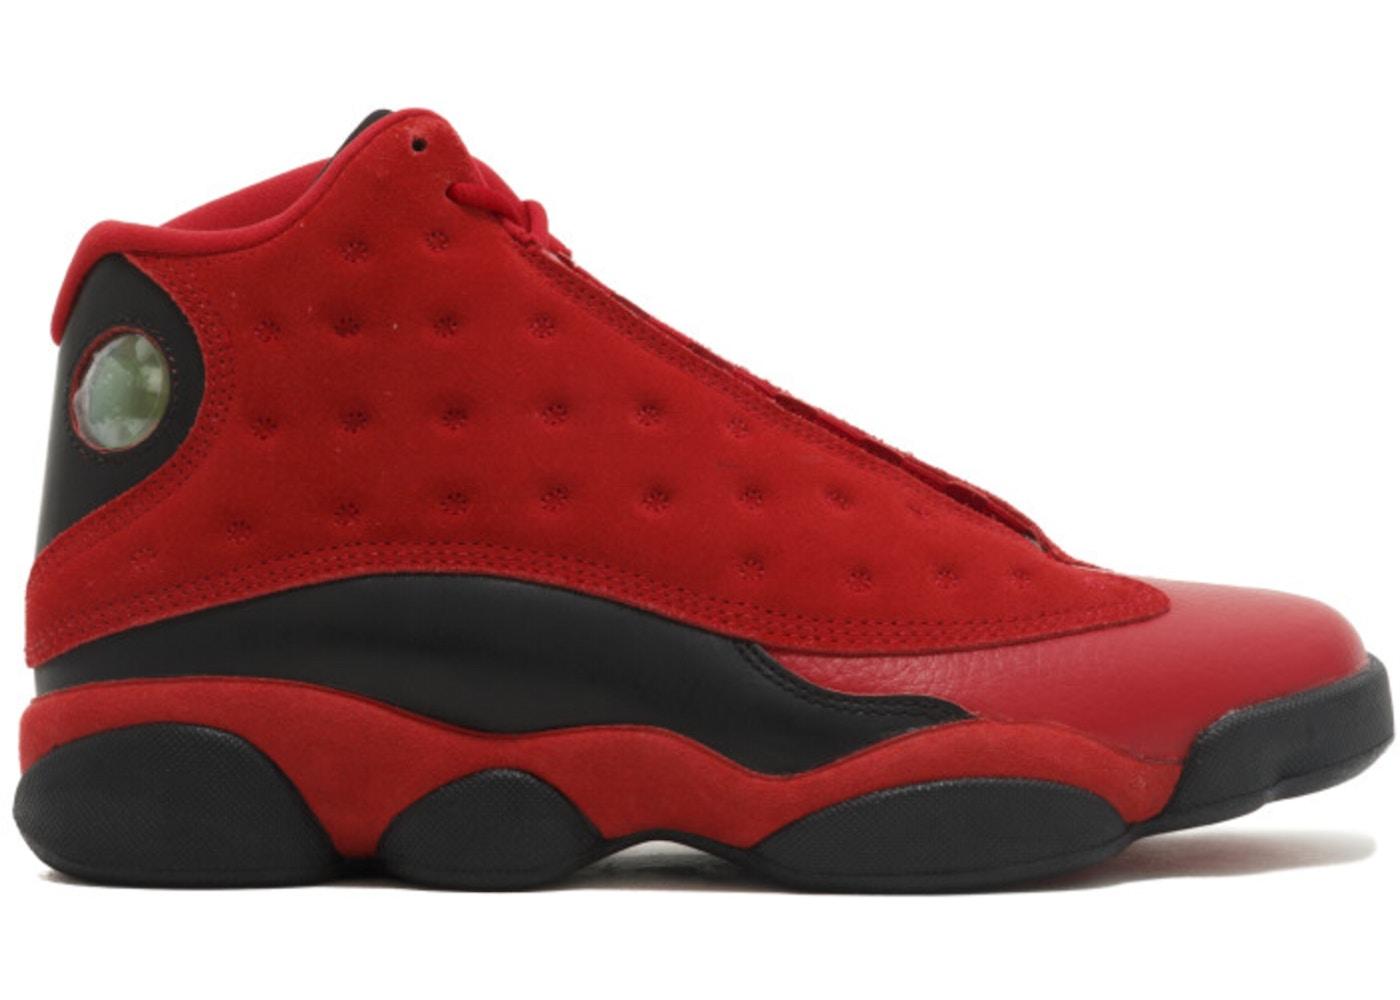 6304f80af7f9 Buy Air Jordan 13 Shoes   Deadstock Sneakers